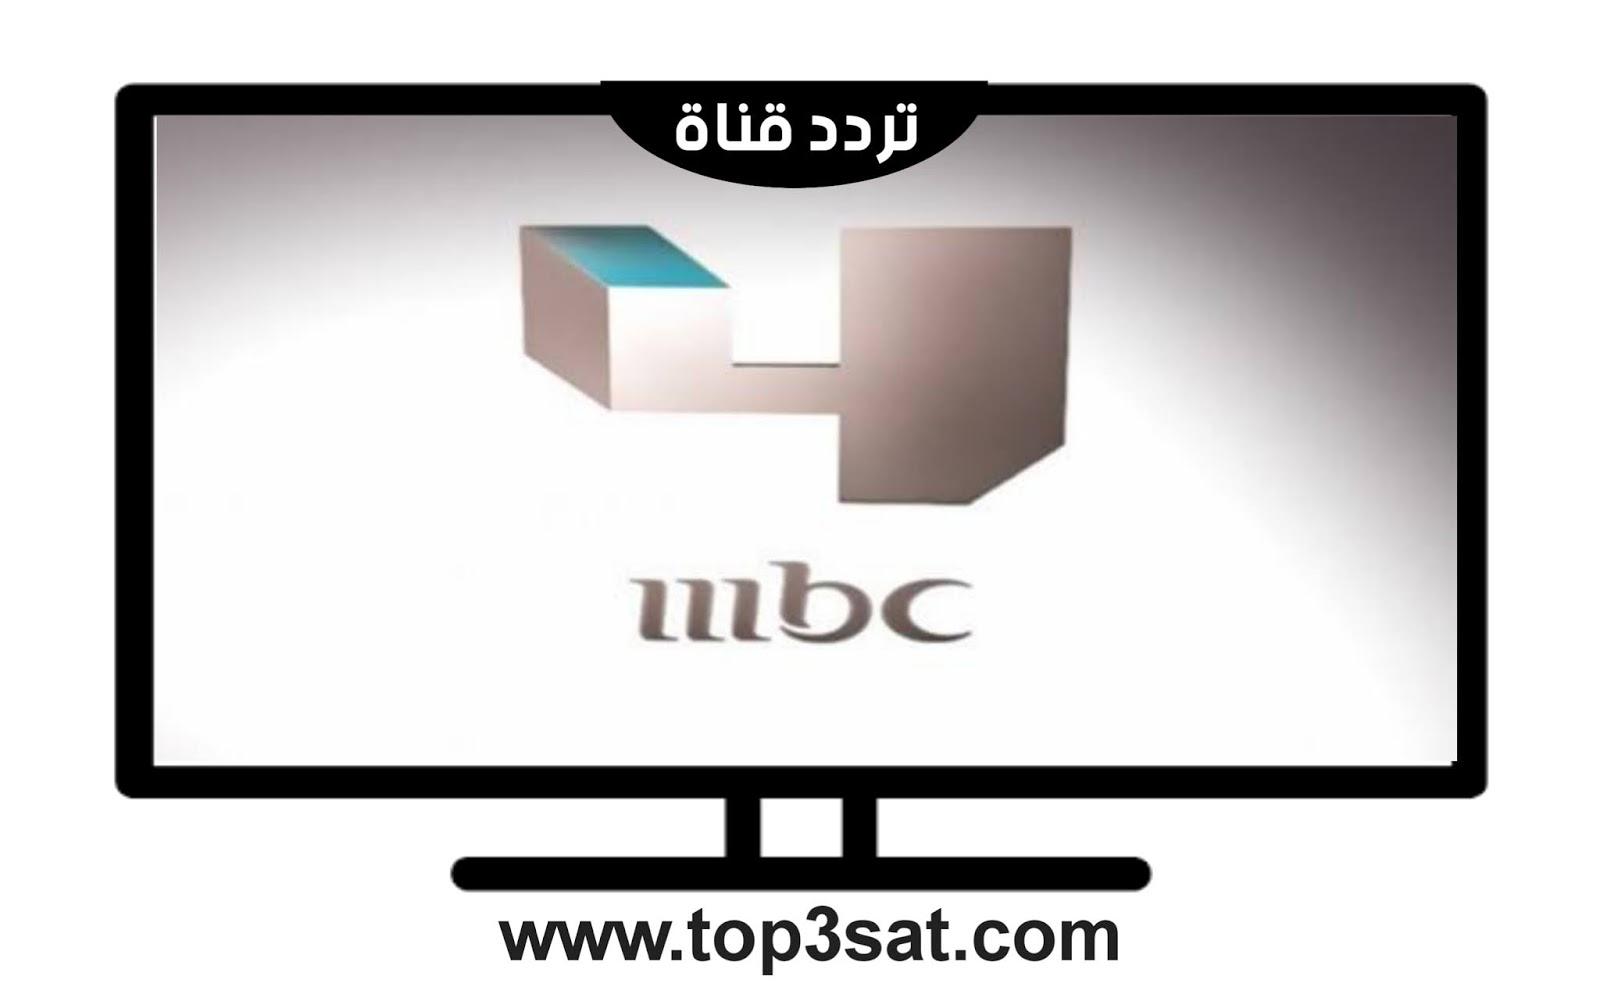 تردد قناة mbc 4 أم بي سي فور الجديد على النايل سات وعرب سات 2020